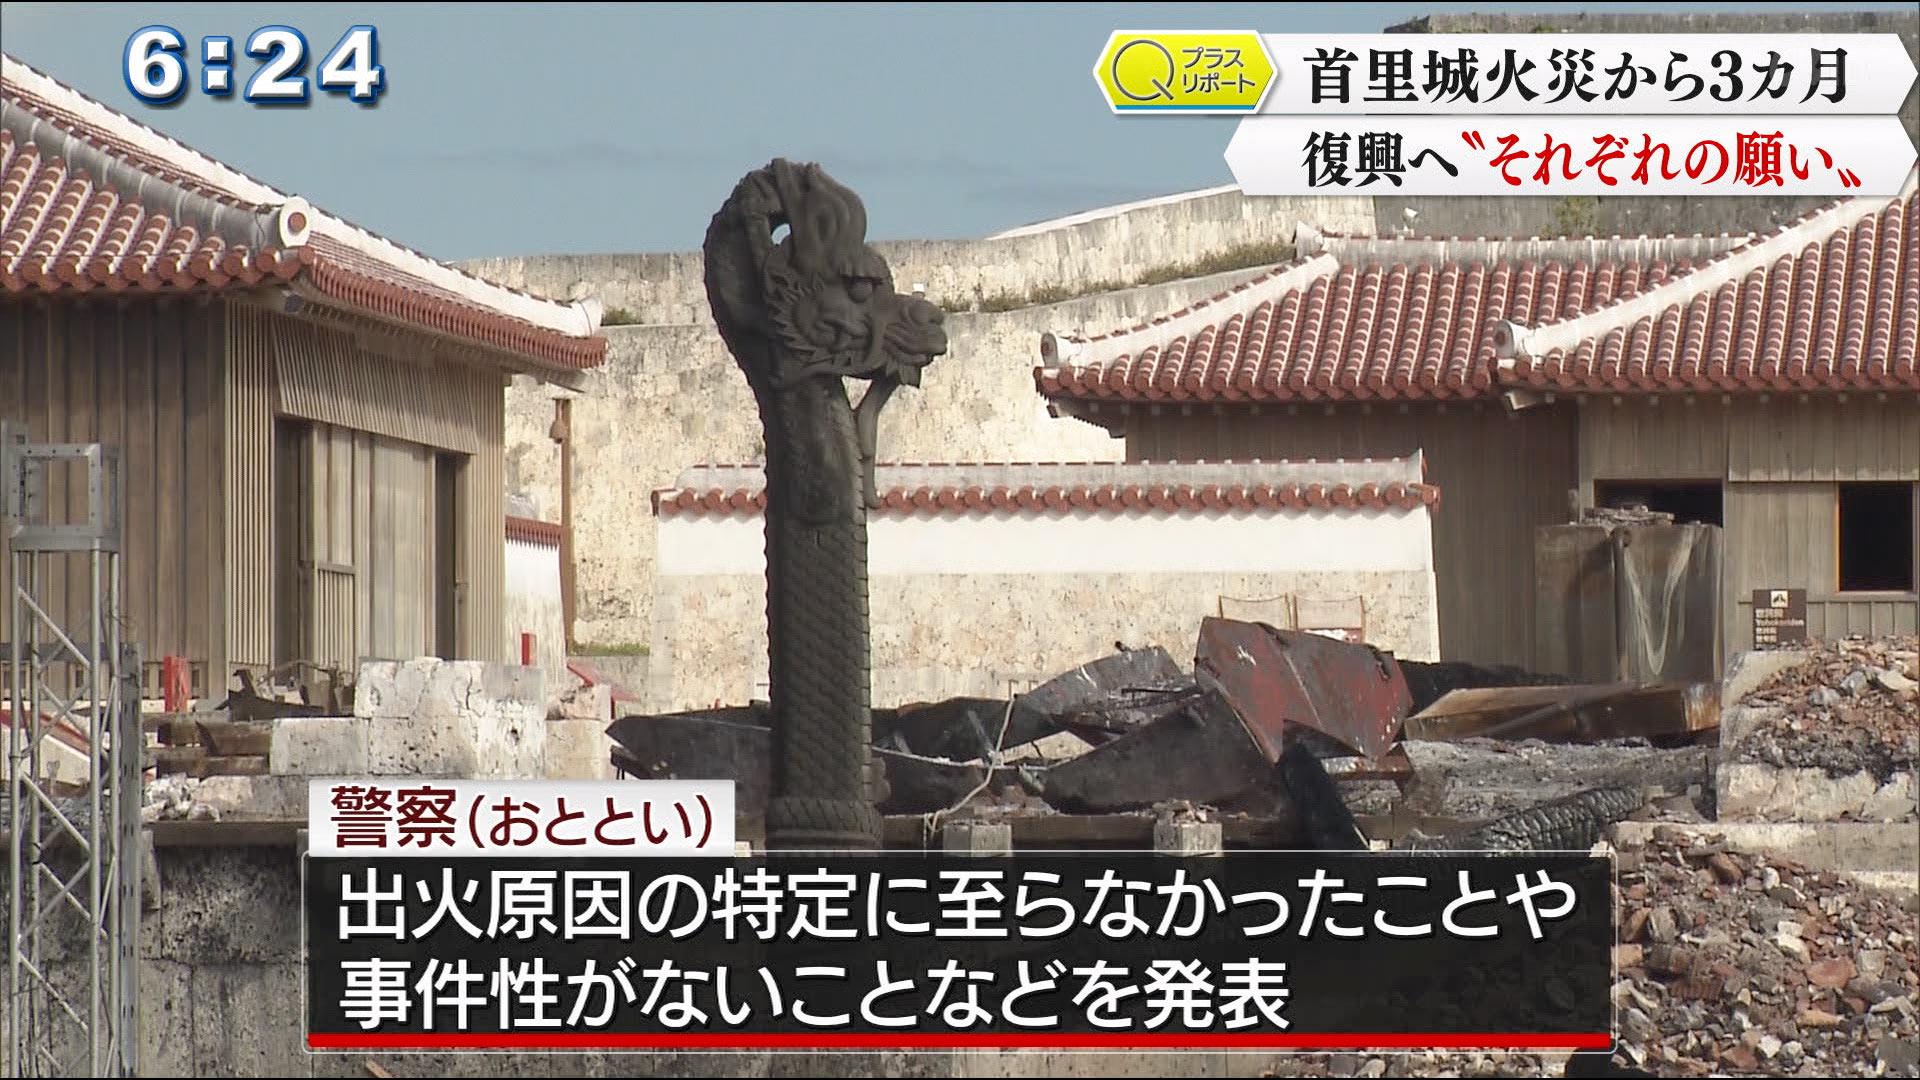 首里城火災から3カ月 復興へ「それぞれの願い」